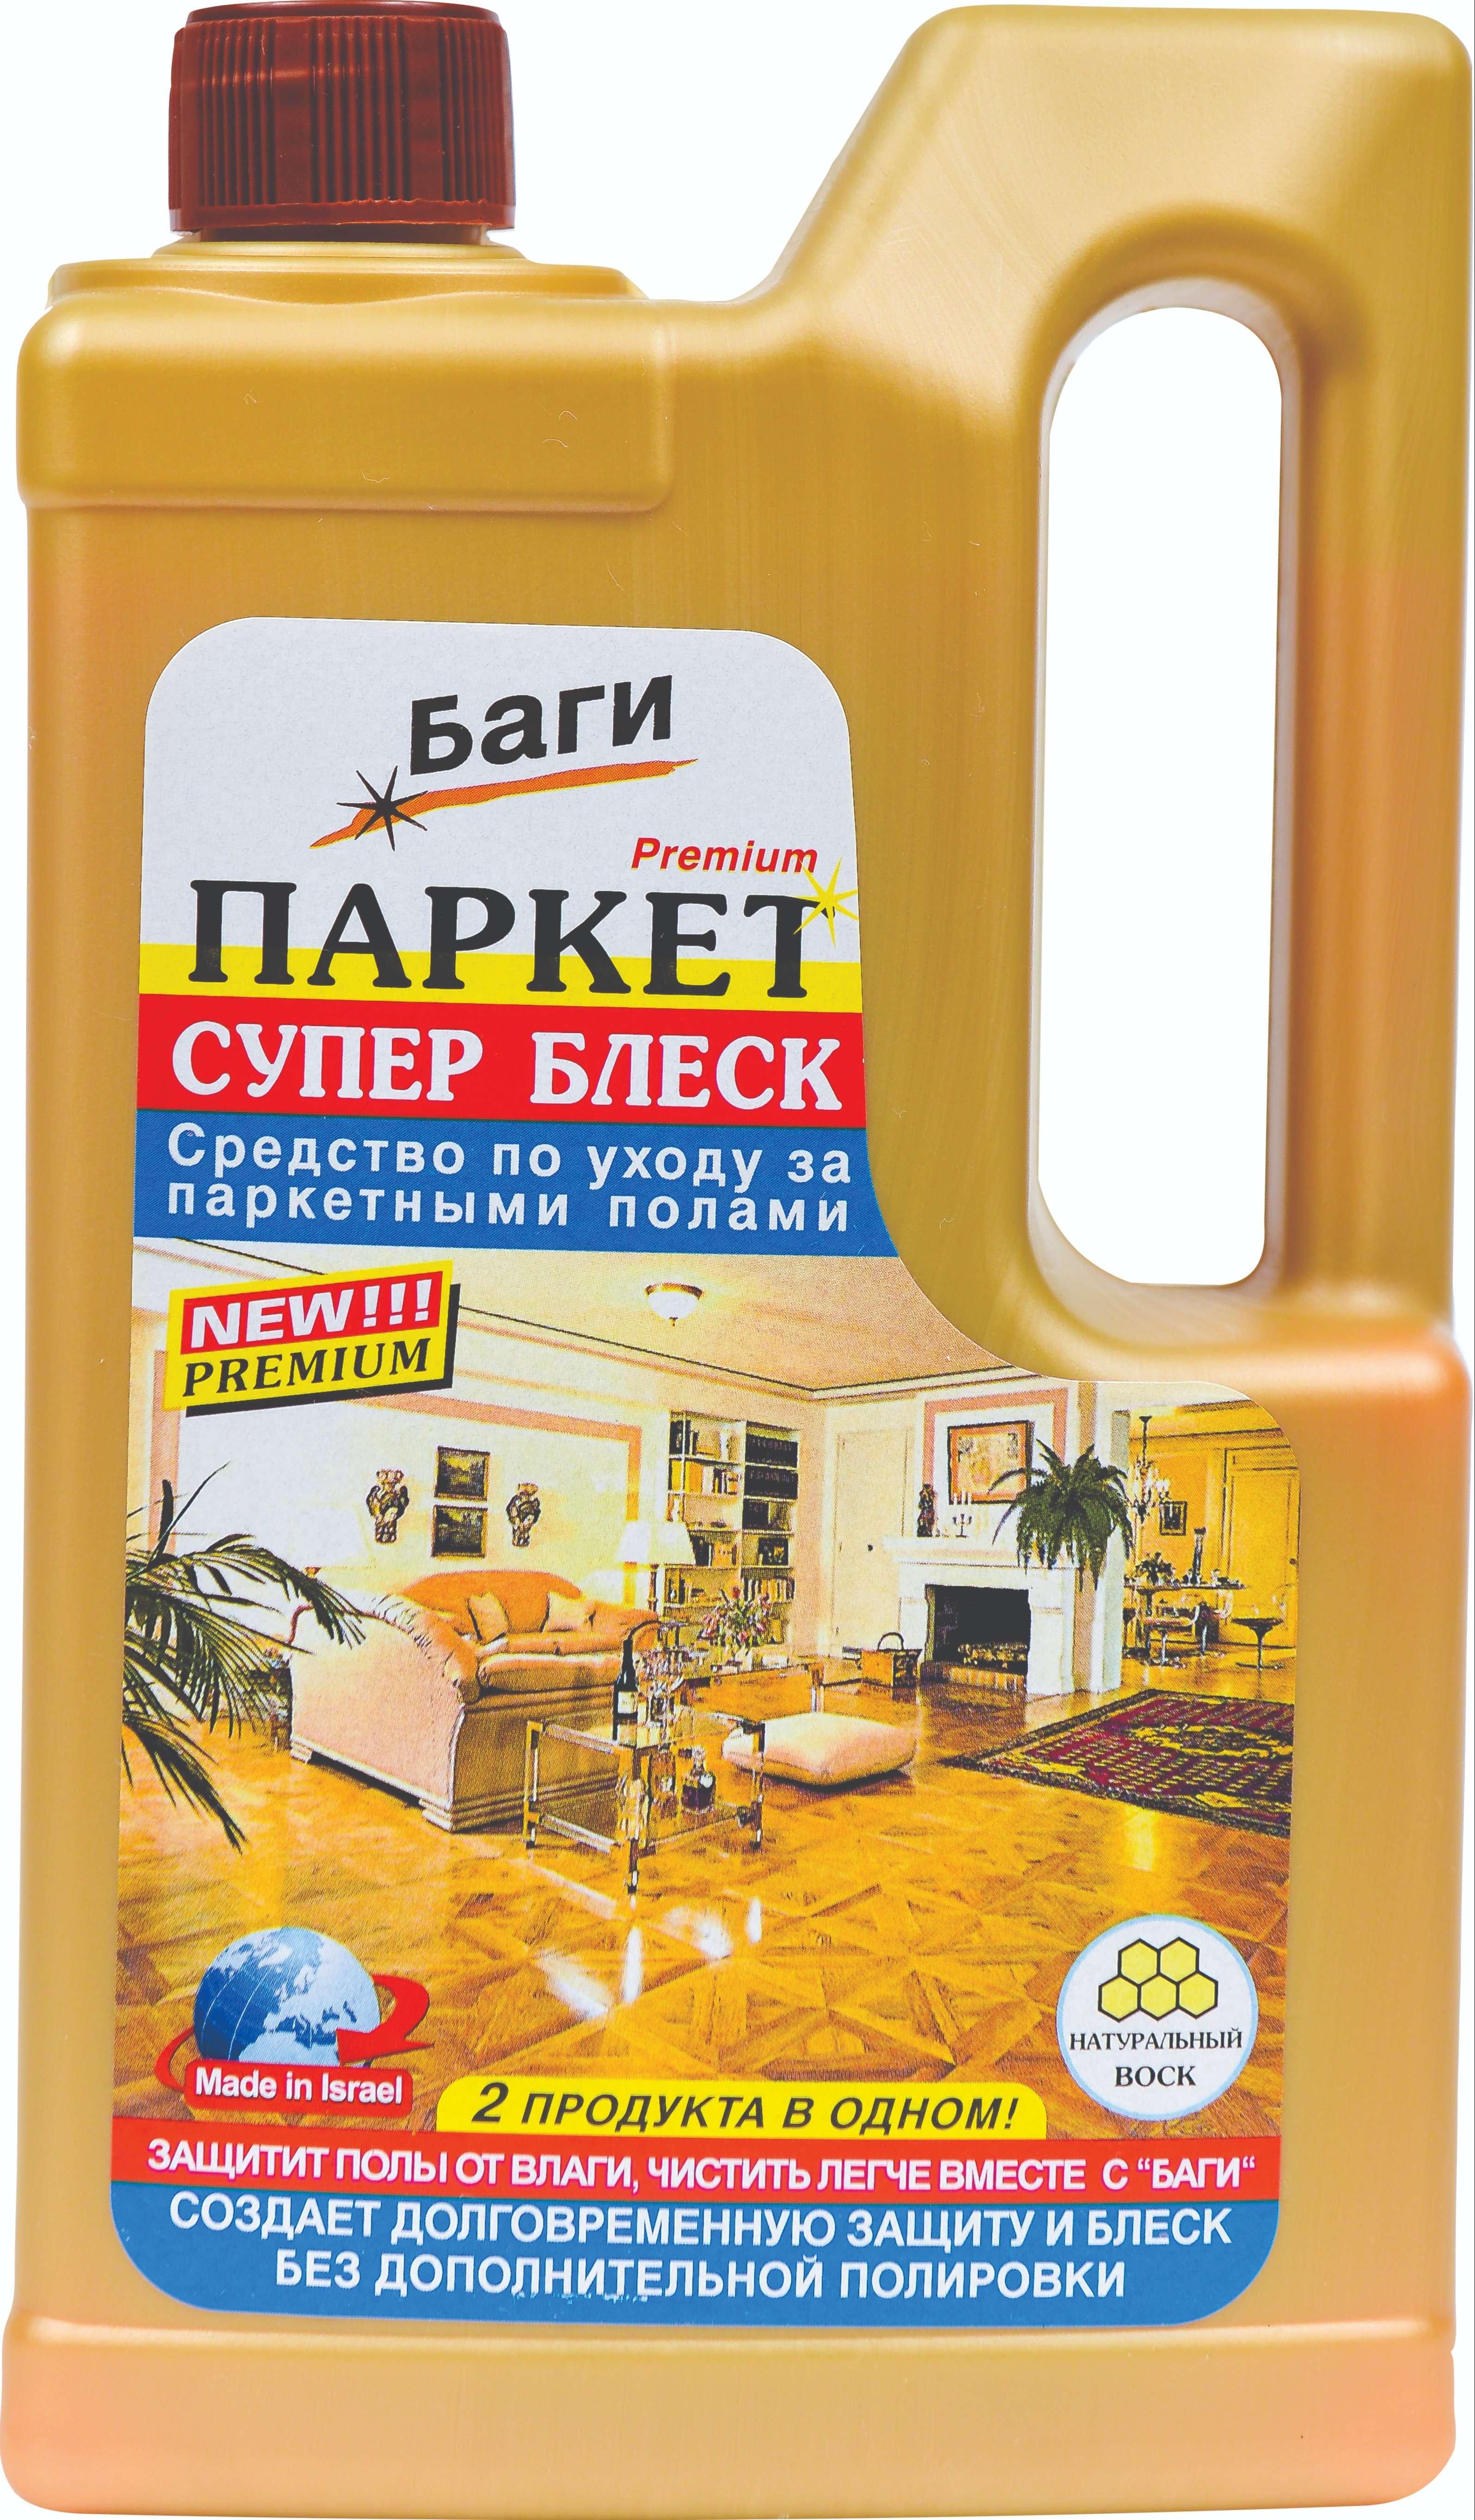 პარკეტი სუპერ ბლესკი 1ლ